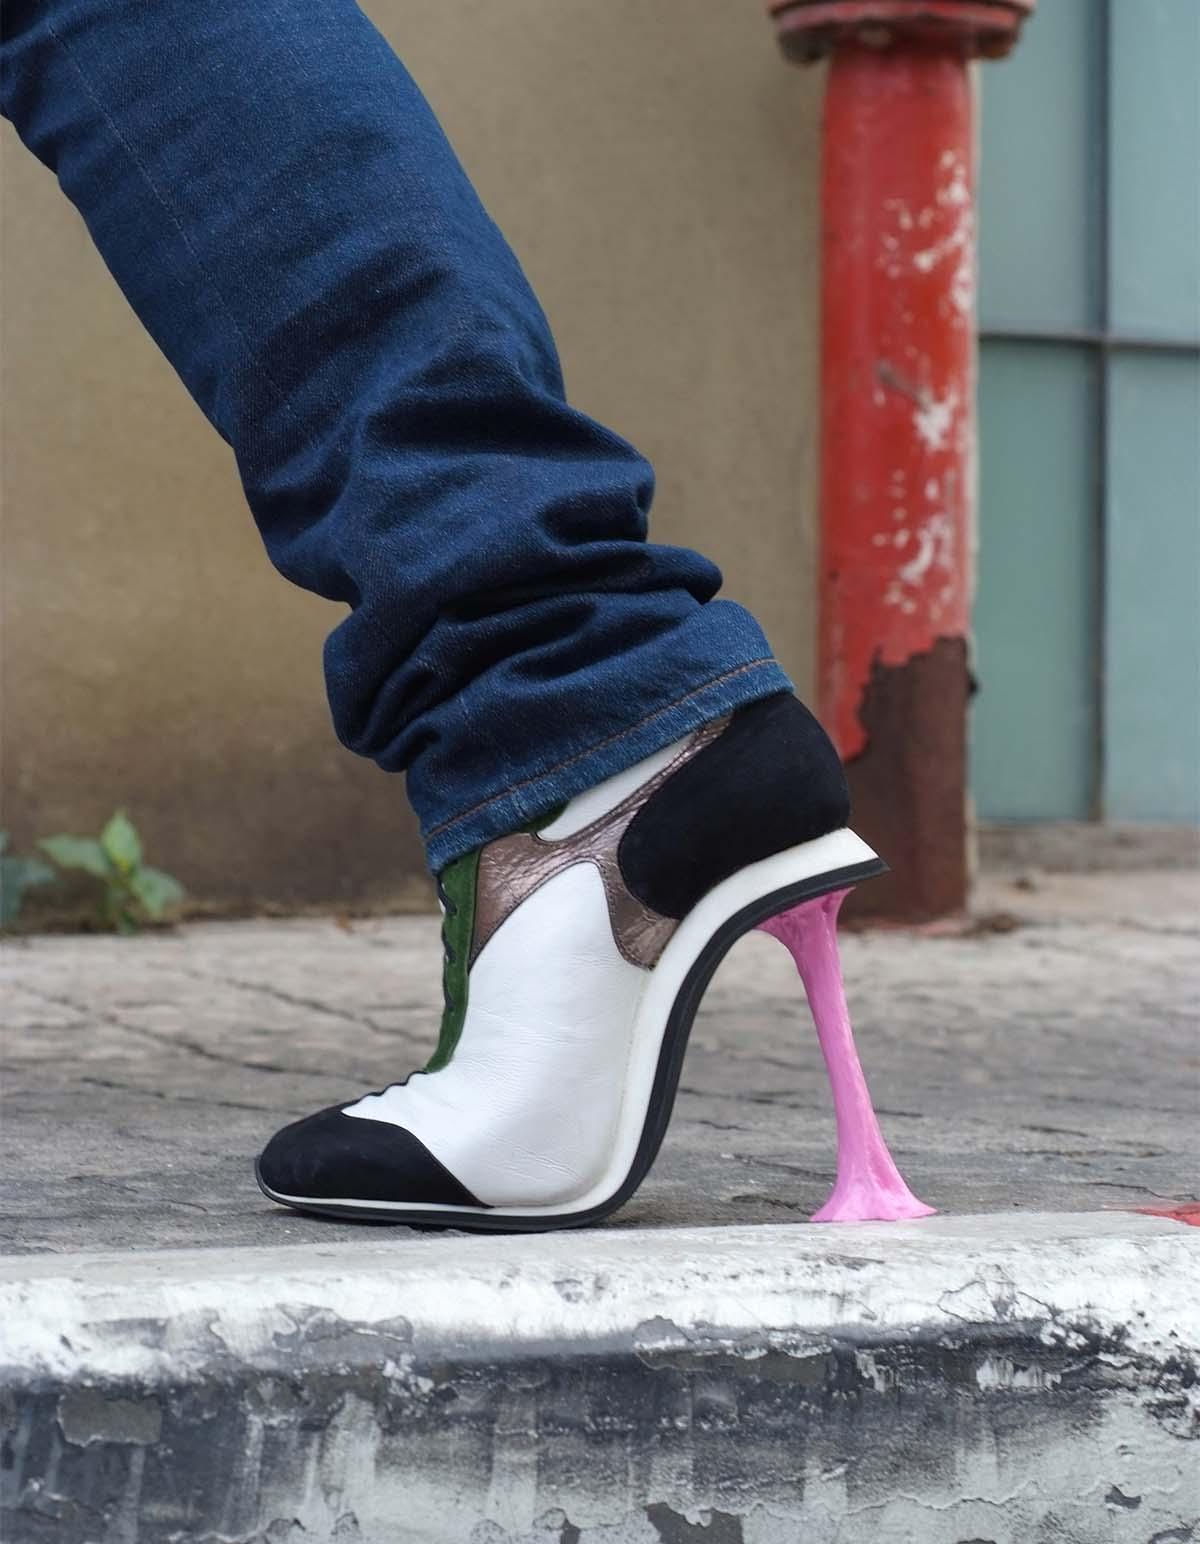 Kobi Levi Chewing gum sidewalk